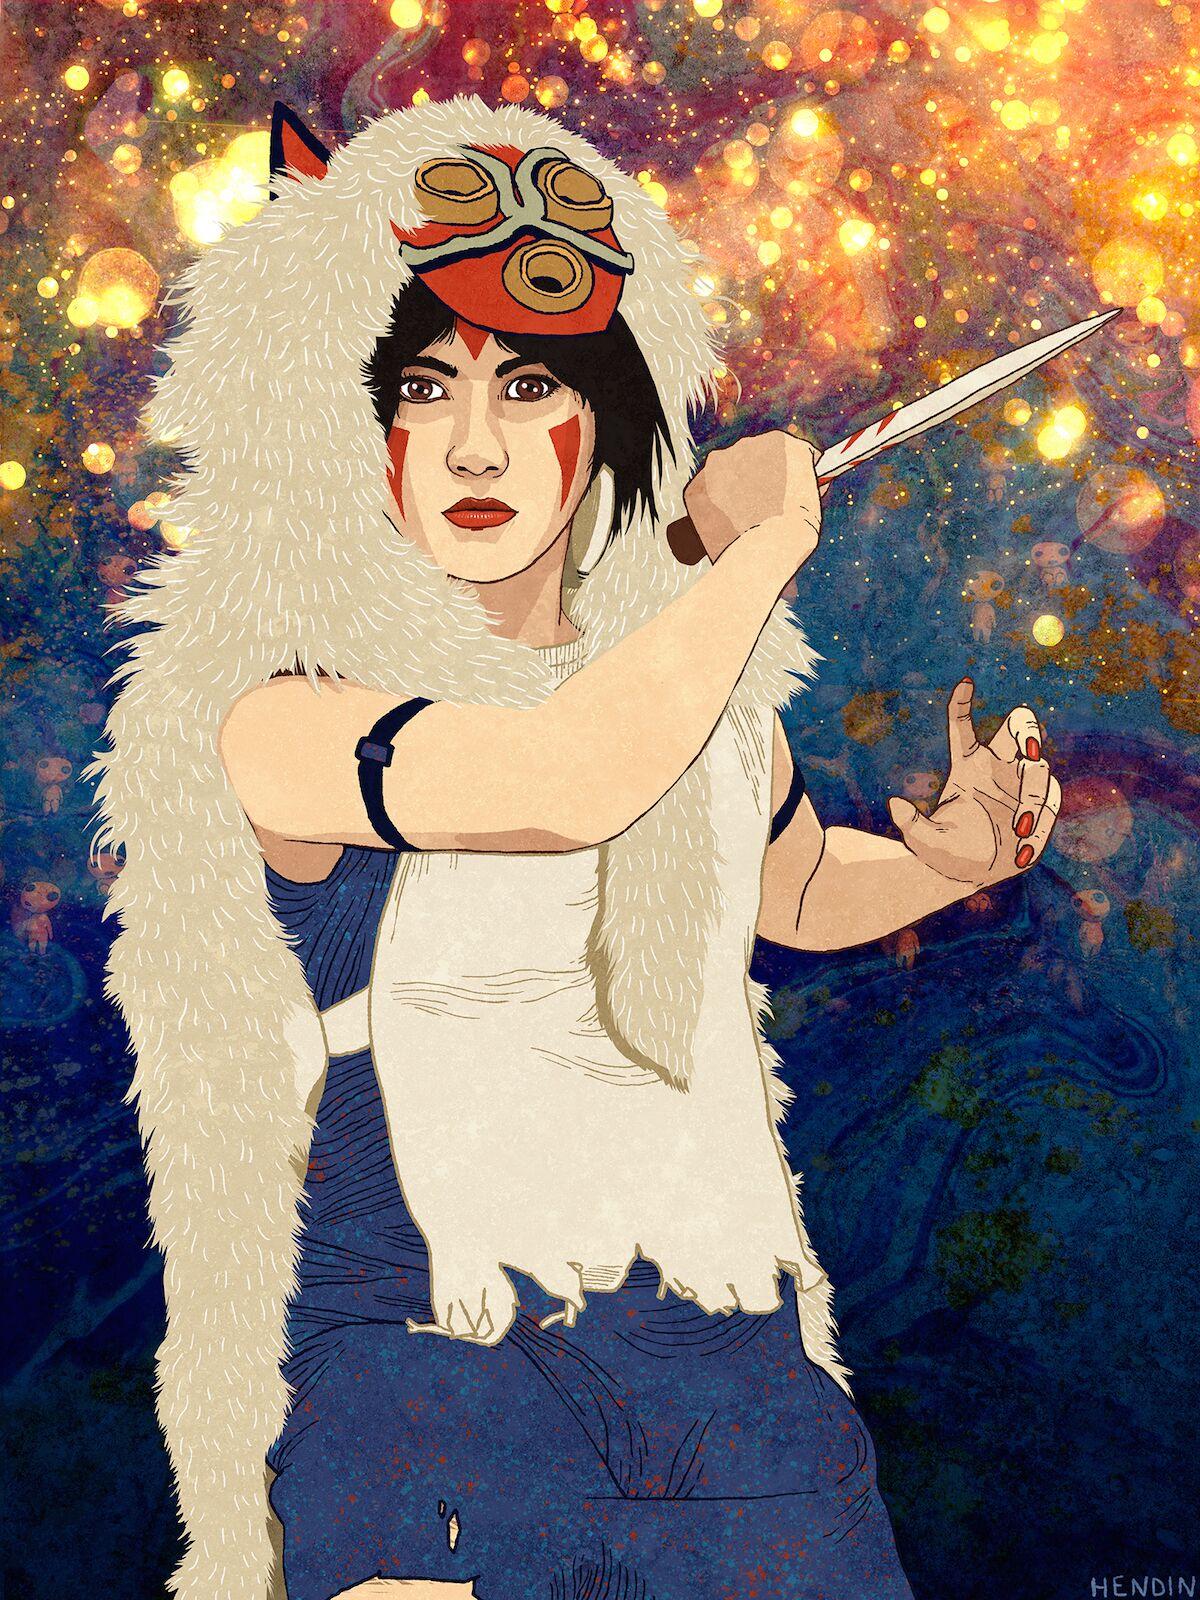 rebecca-hendin-mariam-buzzfeed-illustration-princess-mononoke-1_preview